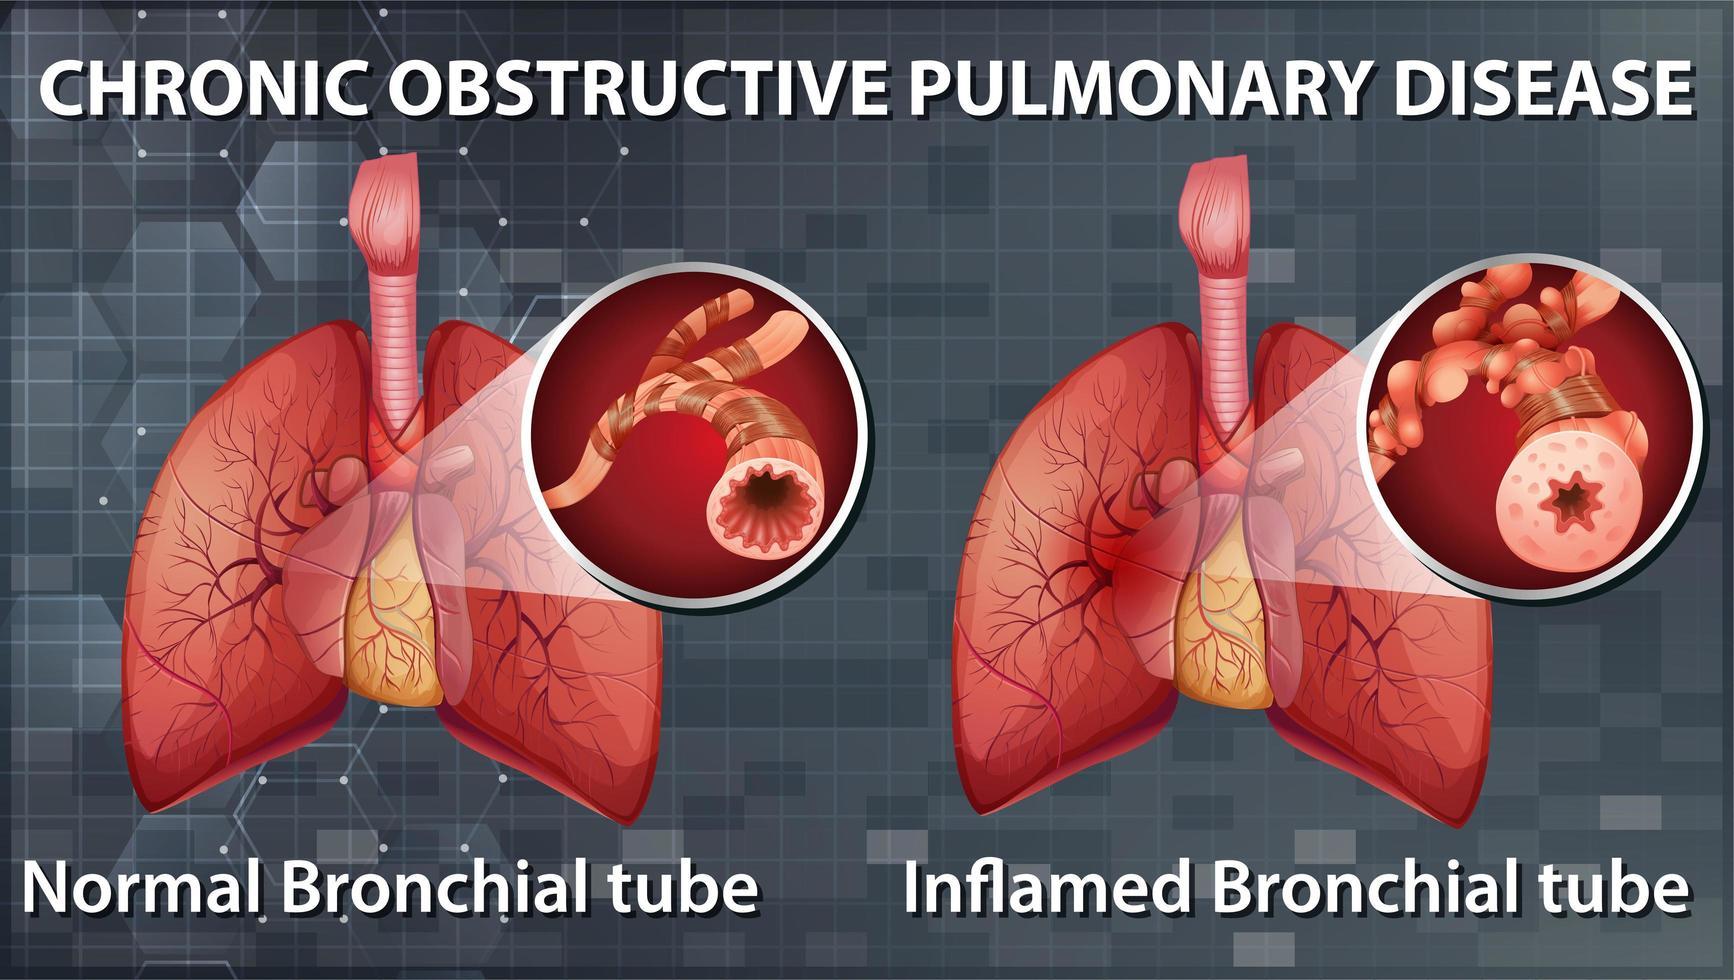 enfermedad pulmonar obstructiva crónica vector